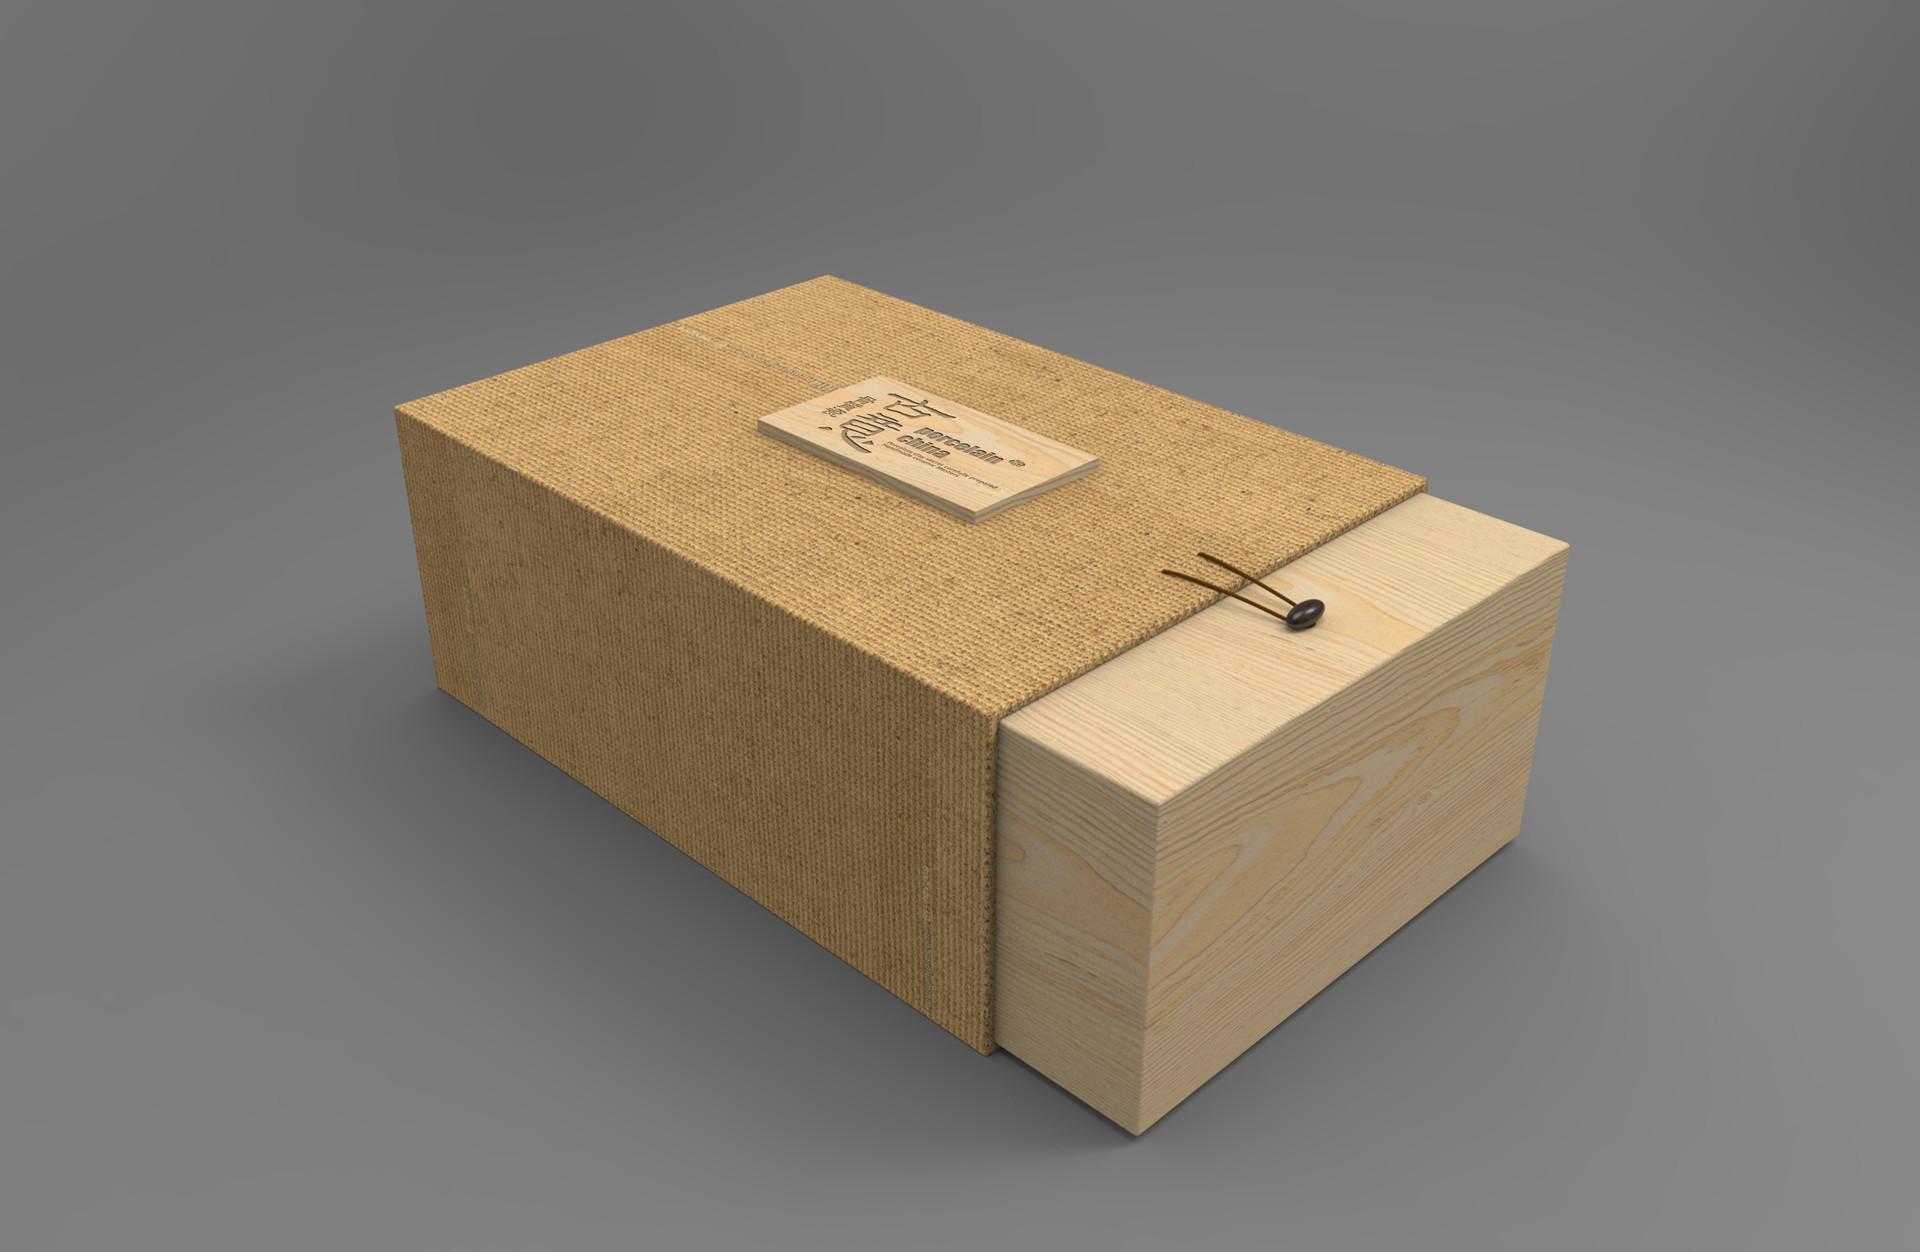 景德镇陶瓷包装盒设计 产品包装设计